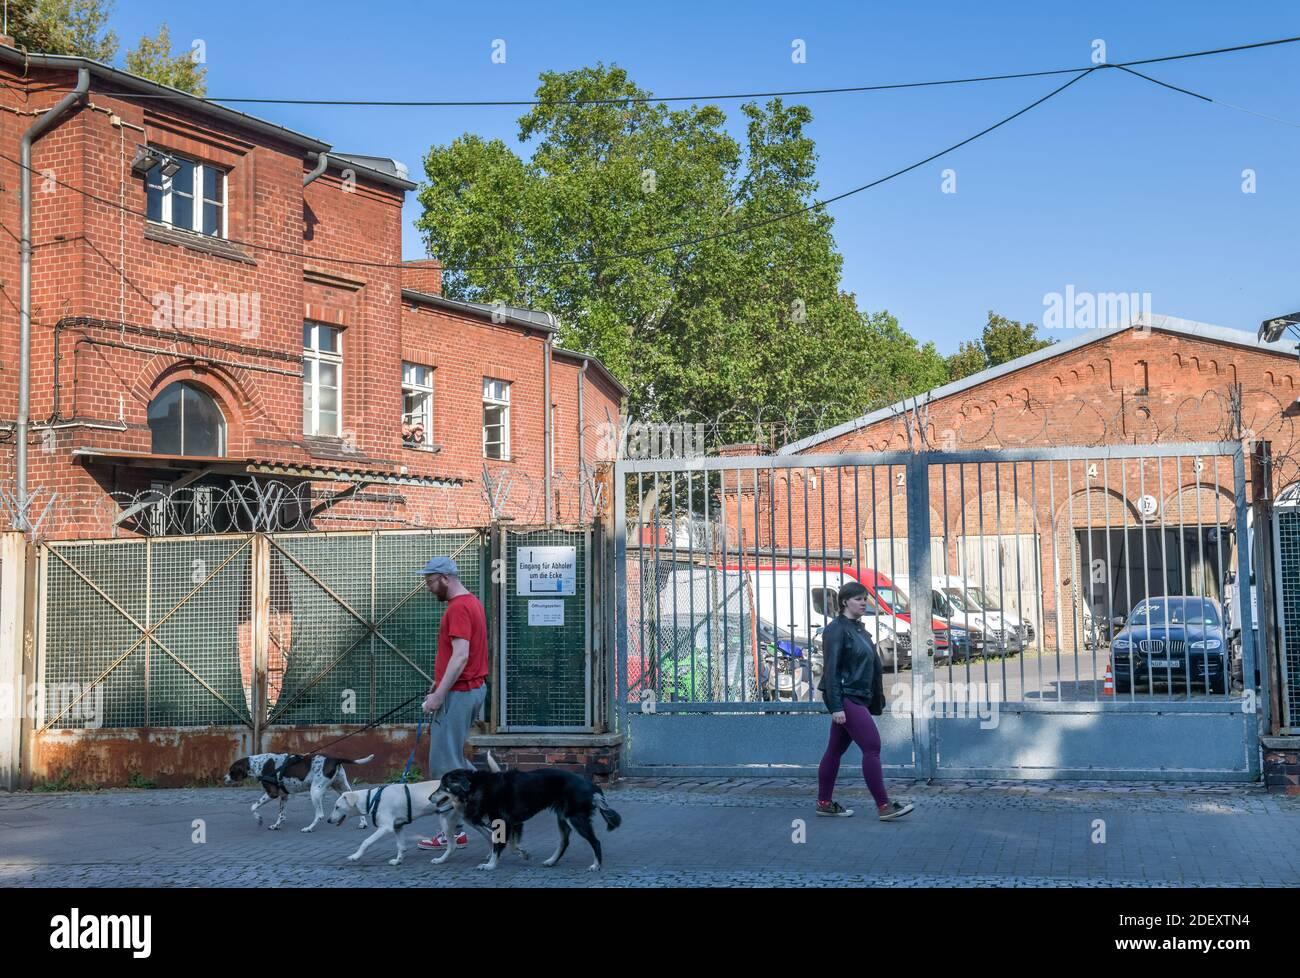 Sicherstellungsgelände für KfZ der Polizei Berlin, Belziger Straße, Schöneberg, Tempelhof-Schöneberg, Berlin, Deutschland Stock Photo